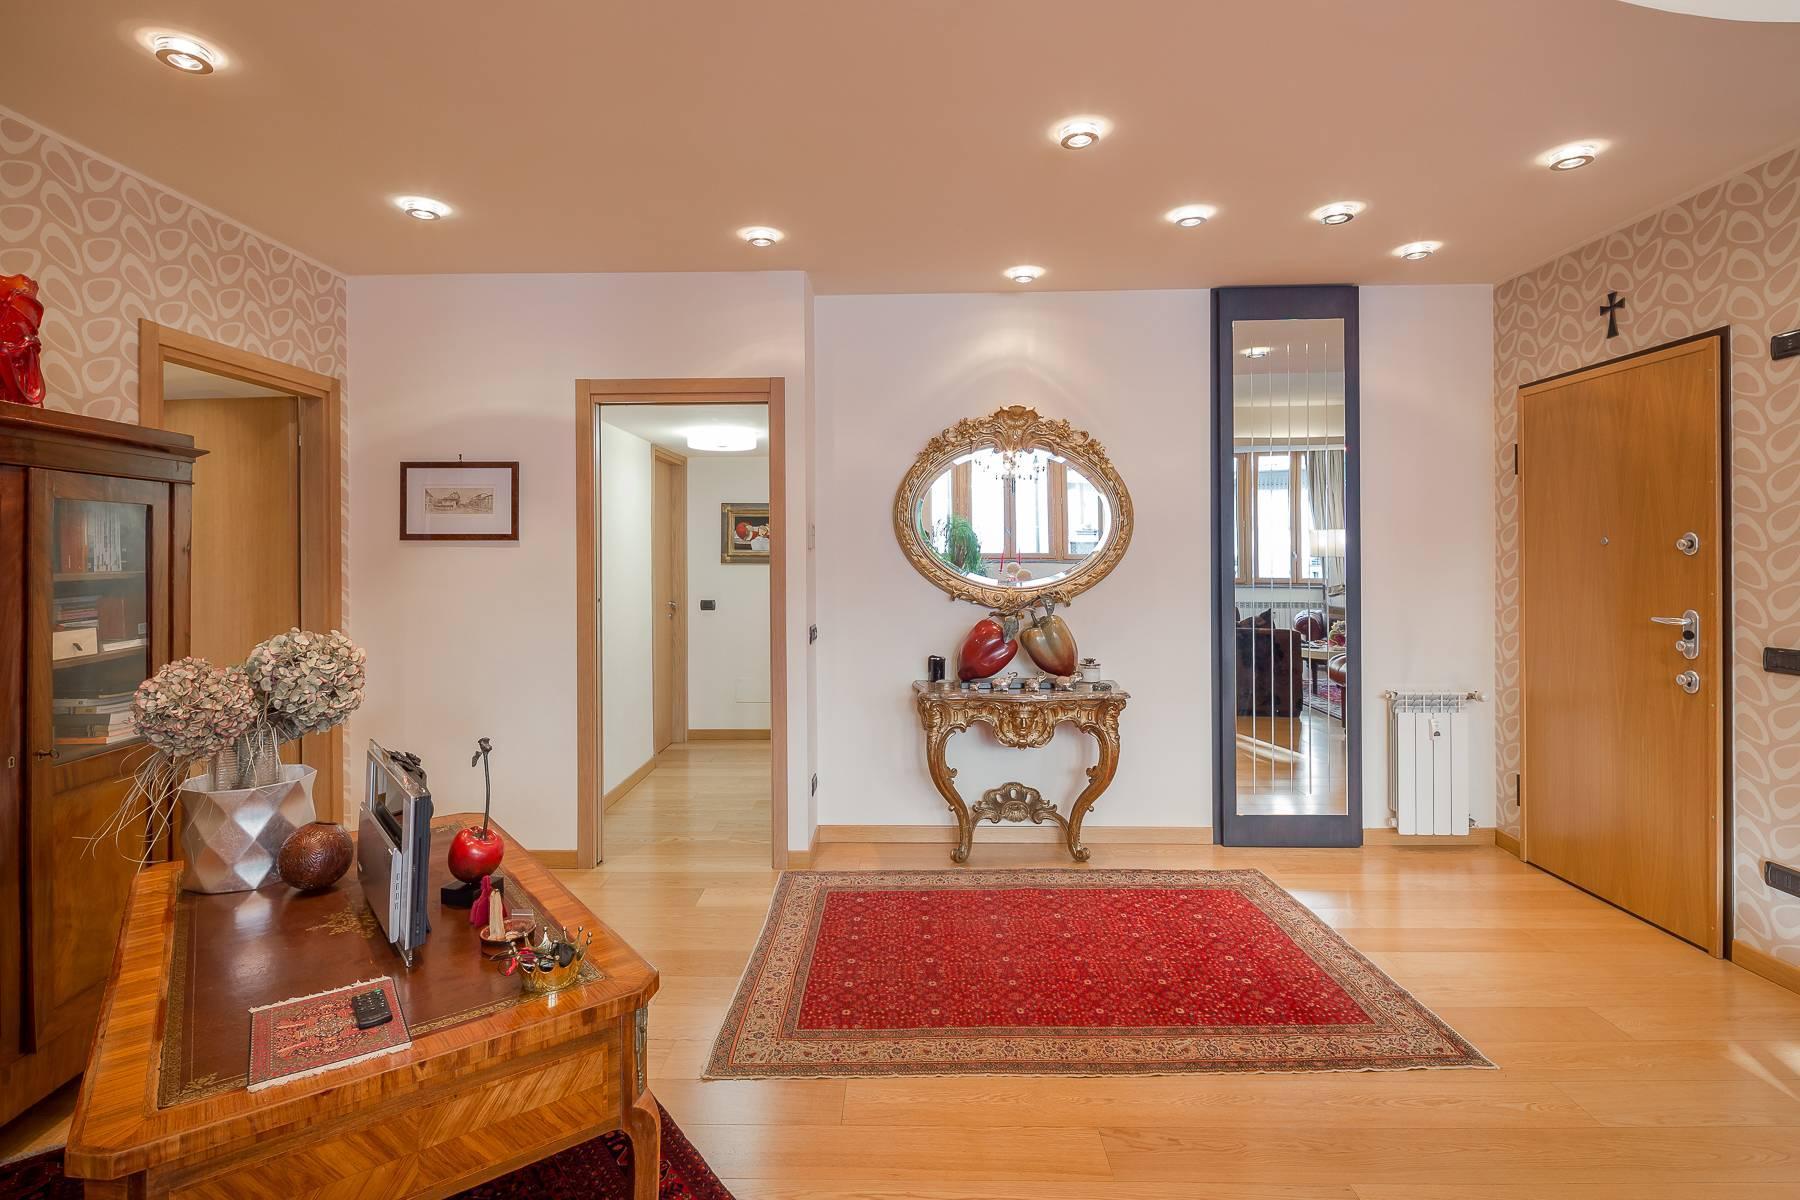 Appartement de style classique situé Via Besana - 15